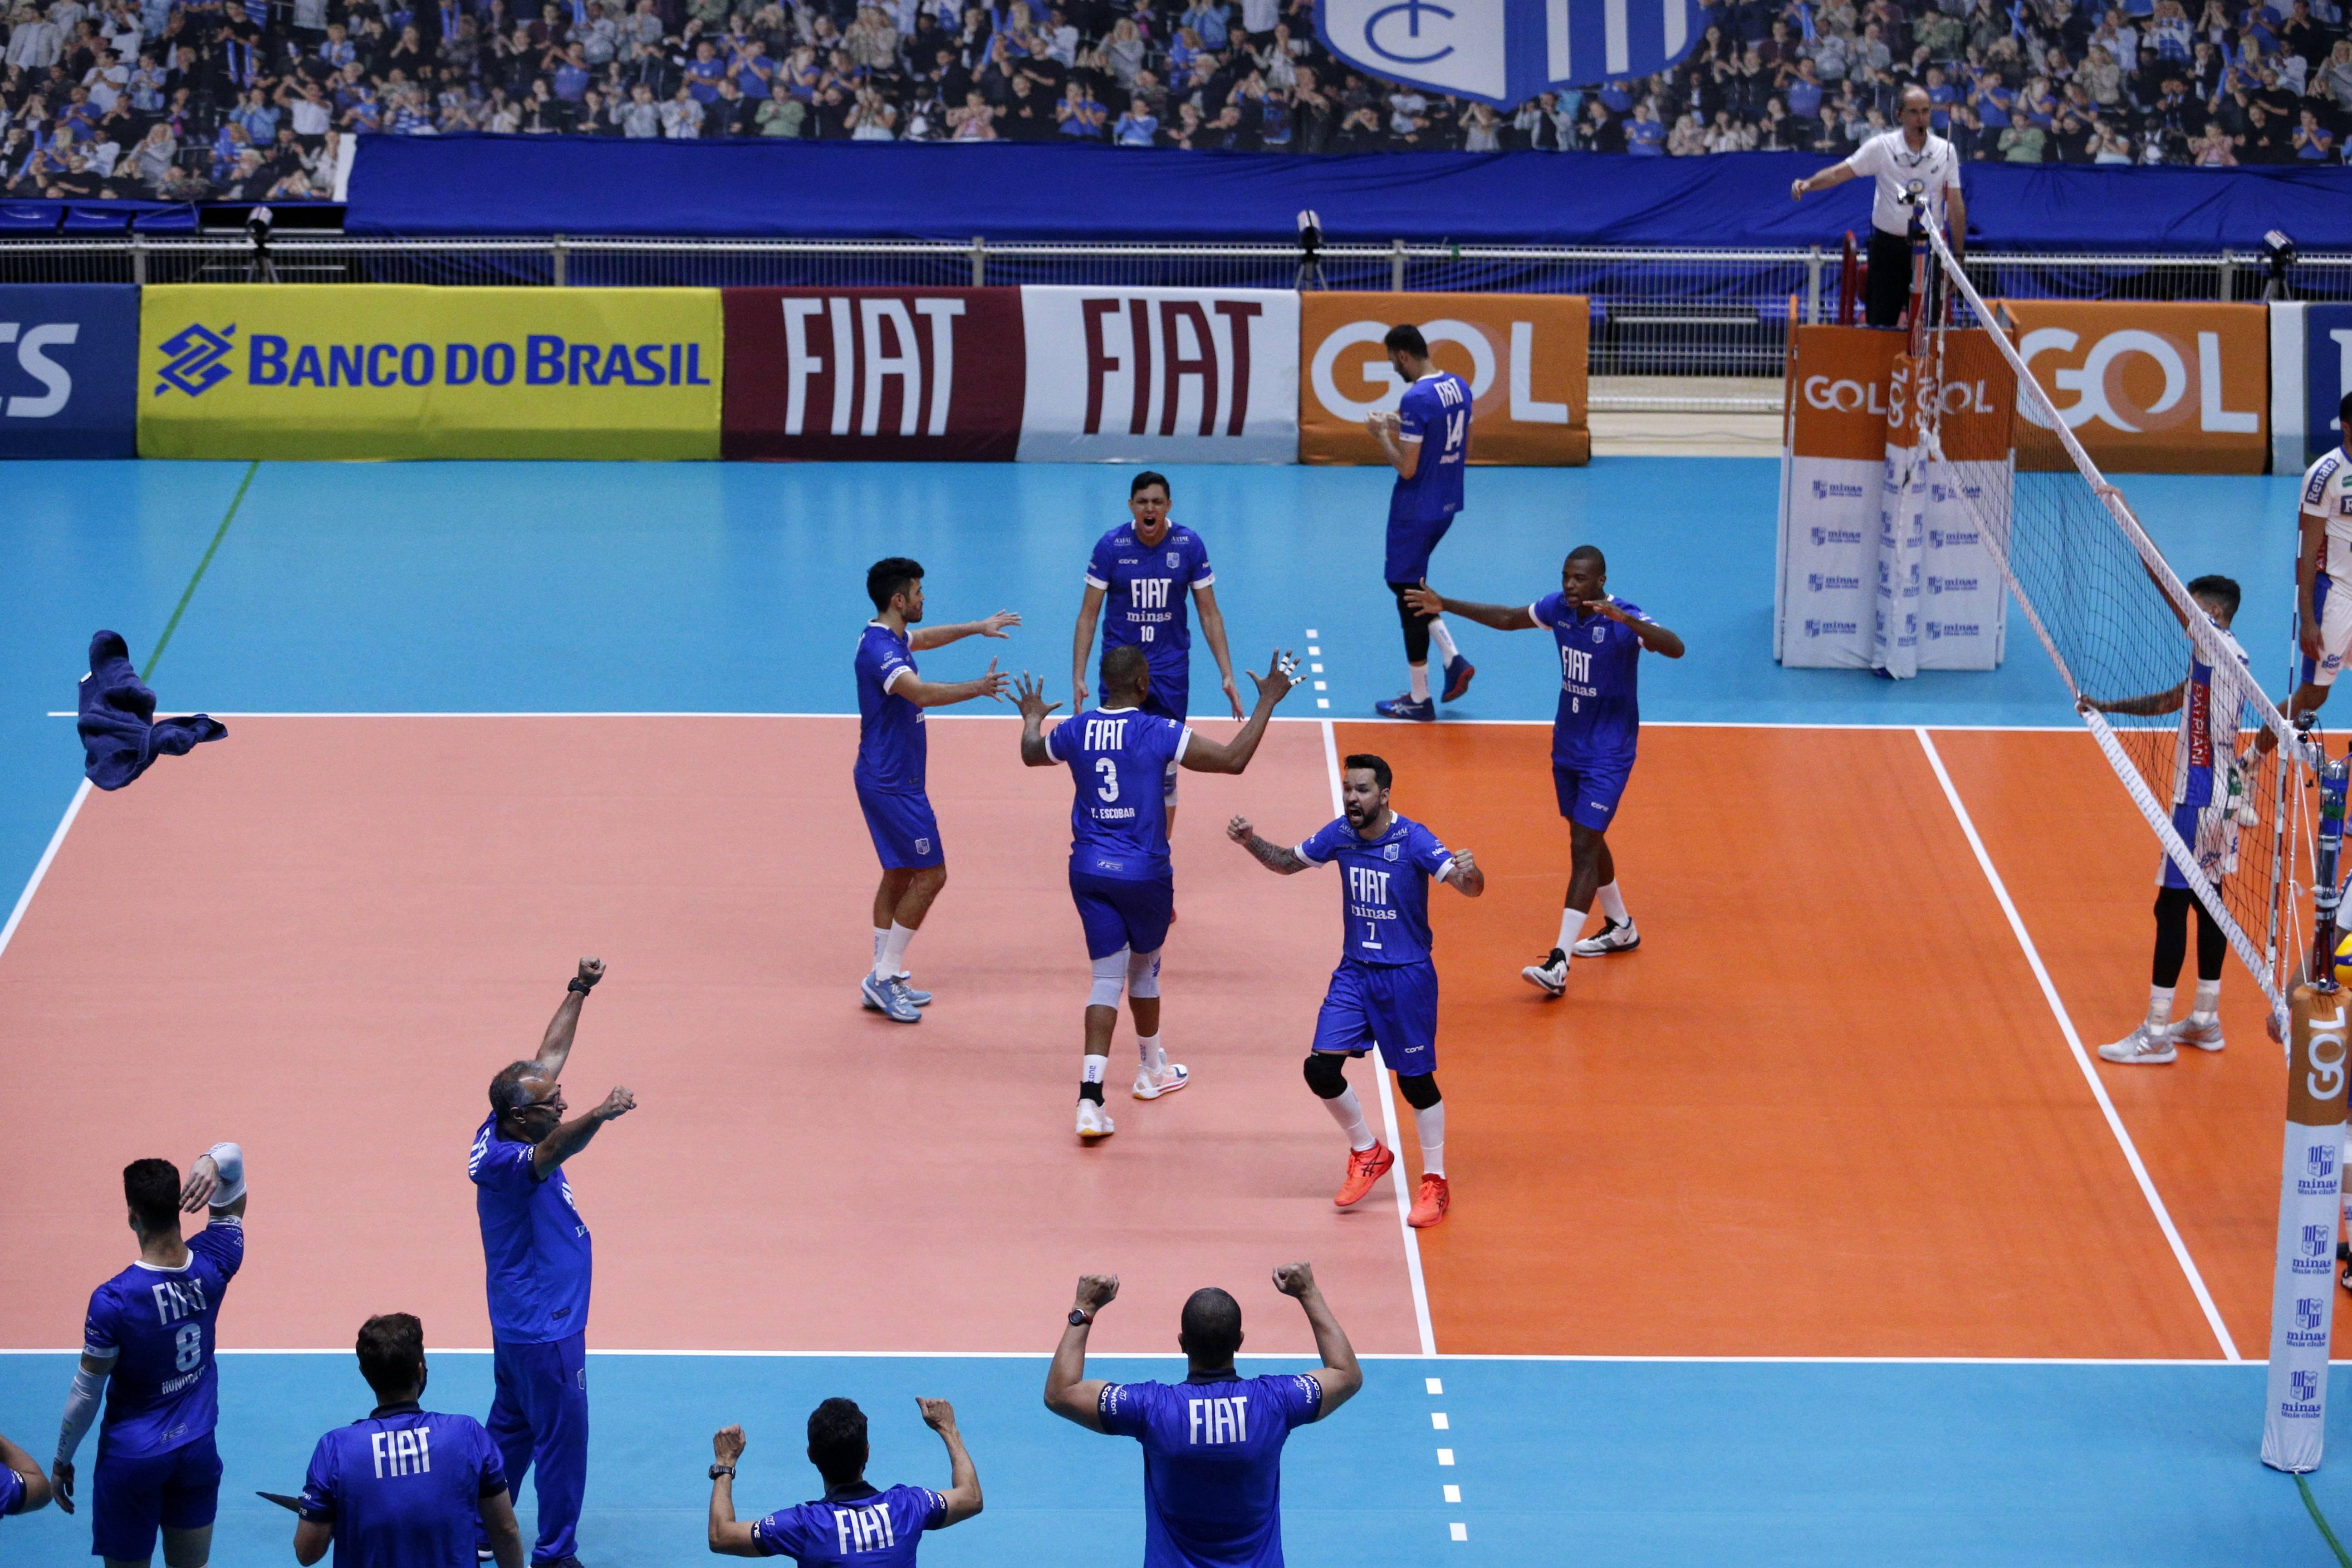 Fiat/Minas comemora mais uma vitória na Arena MTC / Foto: Orlando Bento/MTC